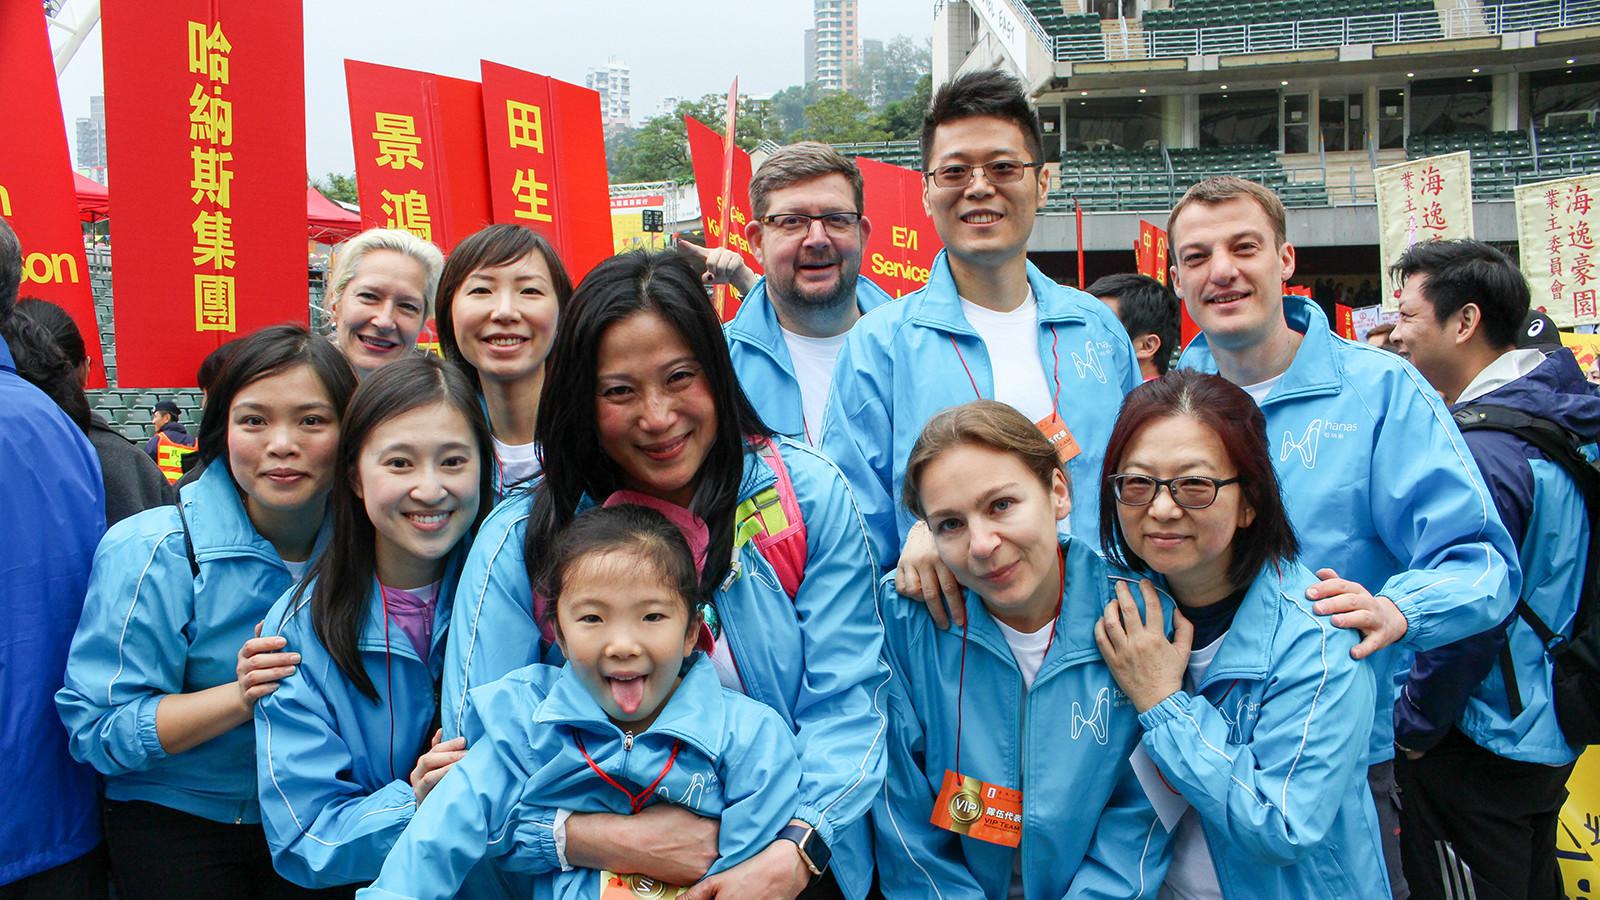 Hong Kong and Kowloon Walk for Millions 2016